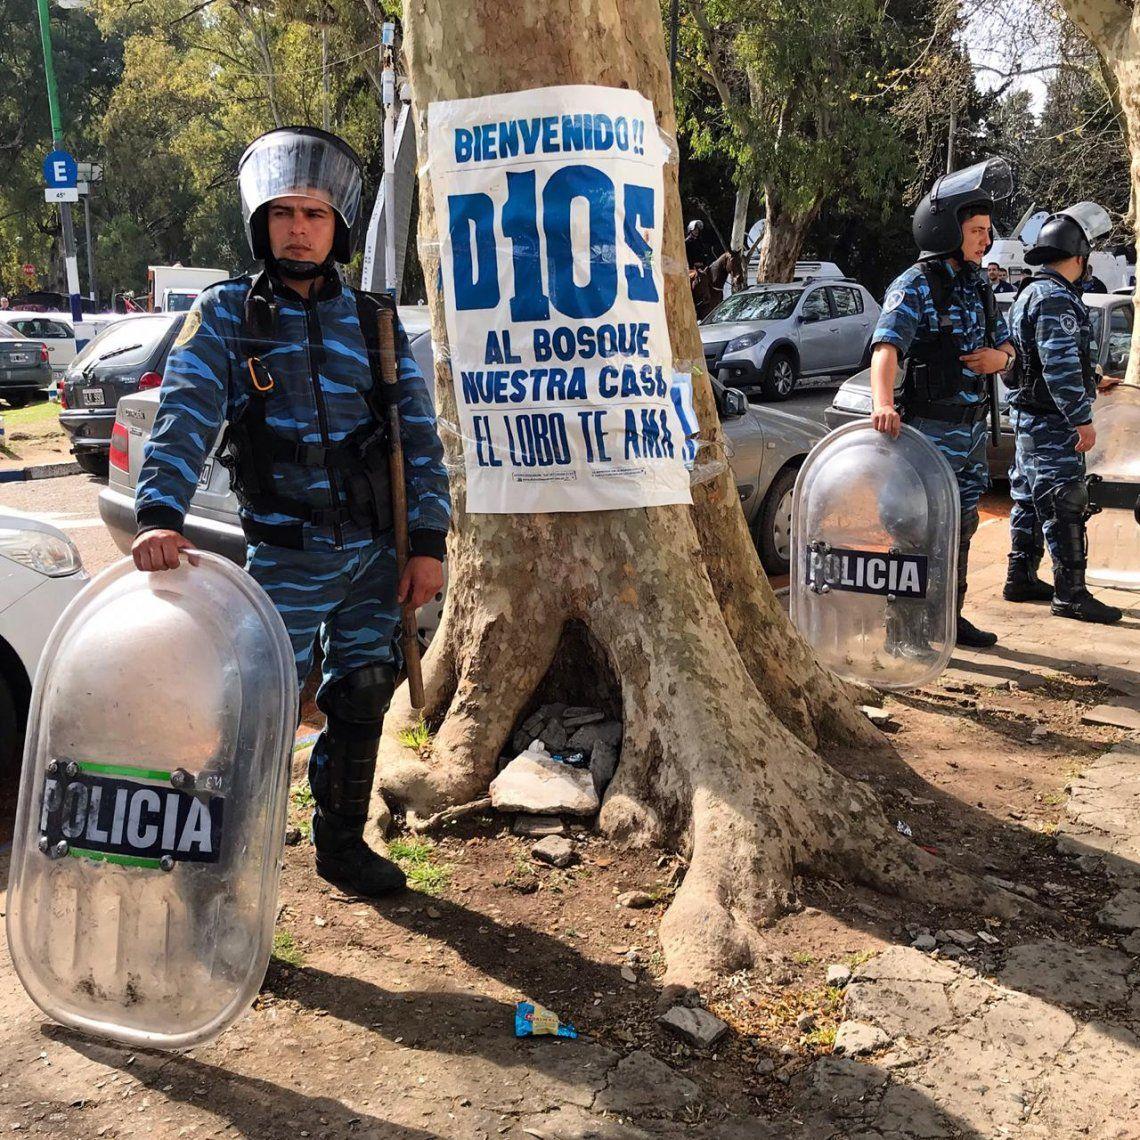 Foto: Hernán España / Diario Popular